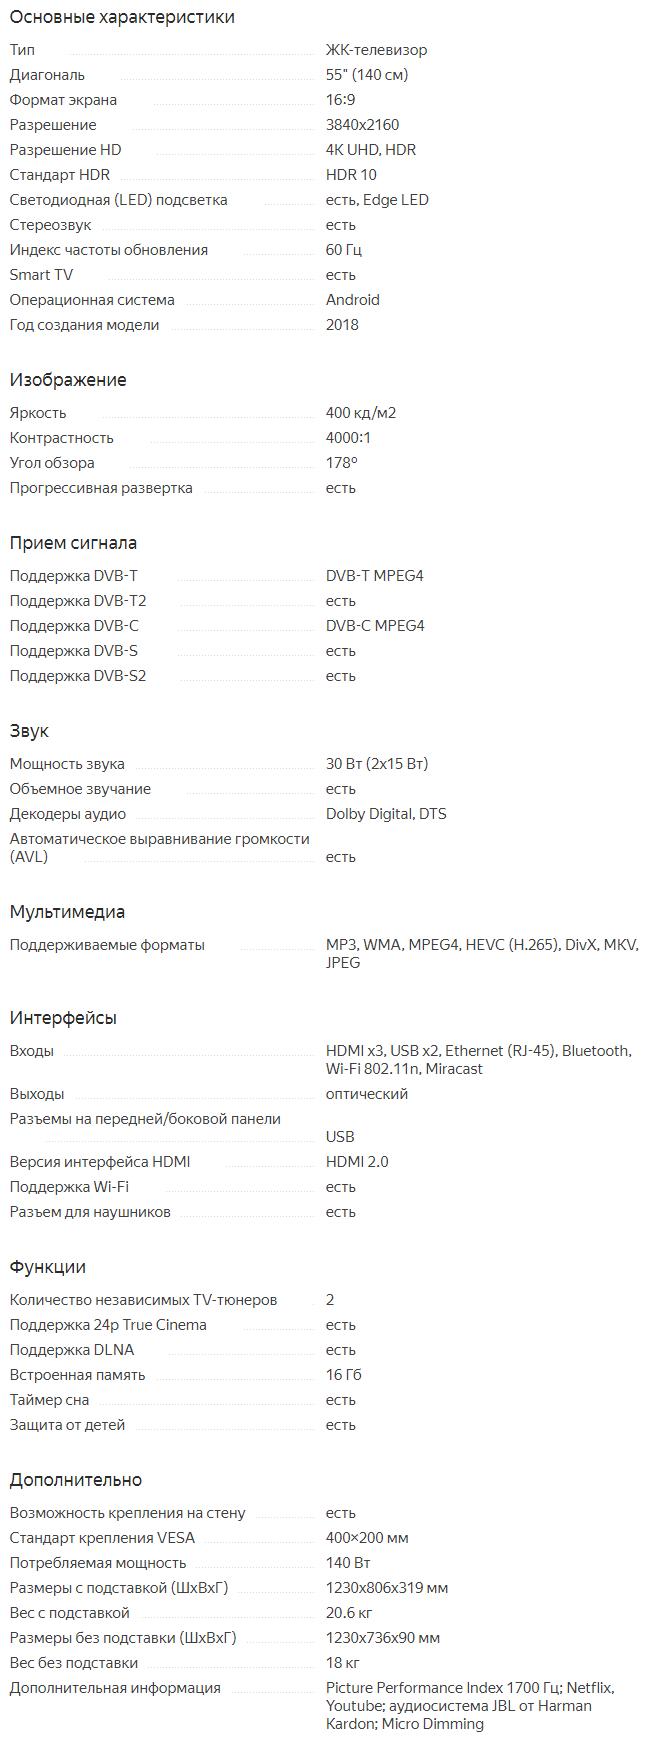 Характеристики DC760